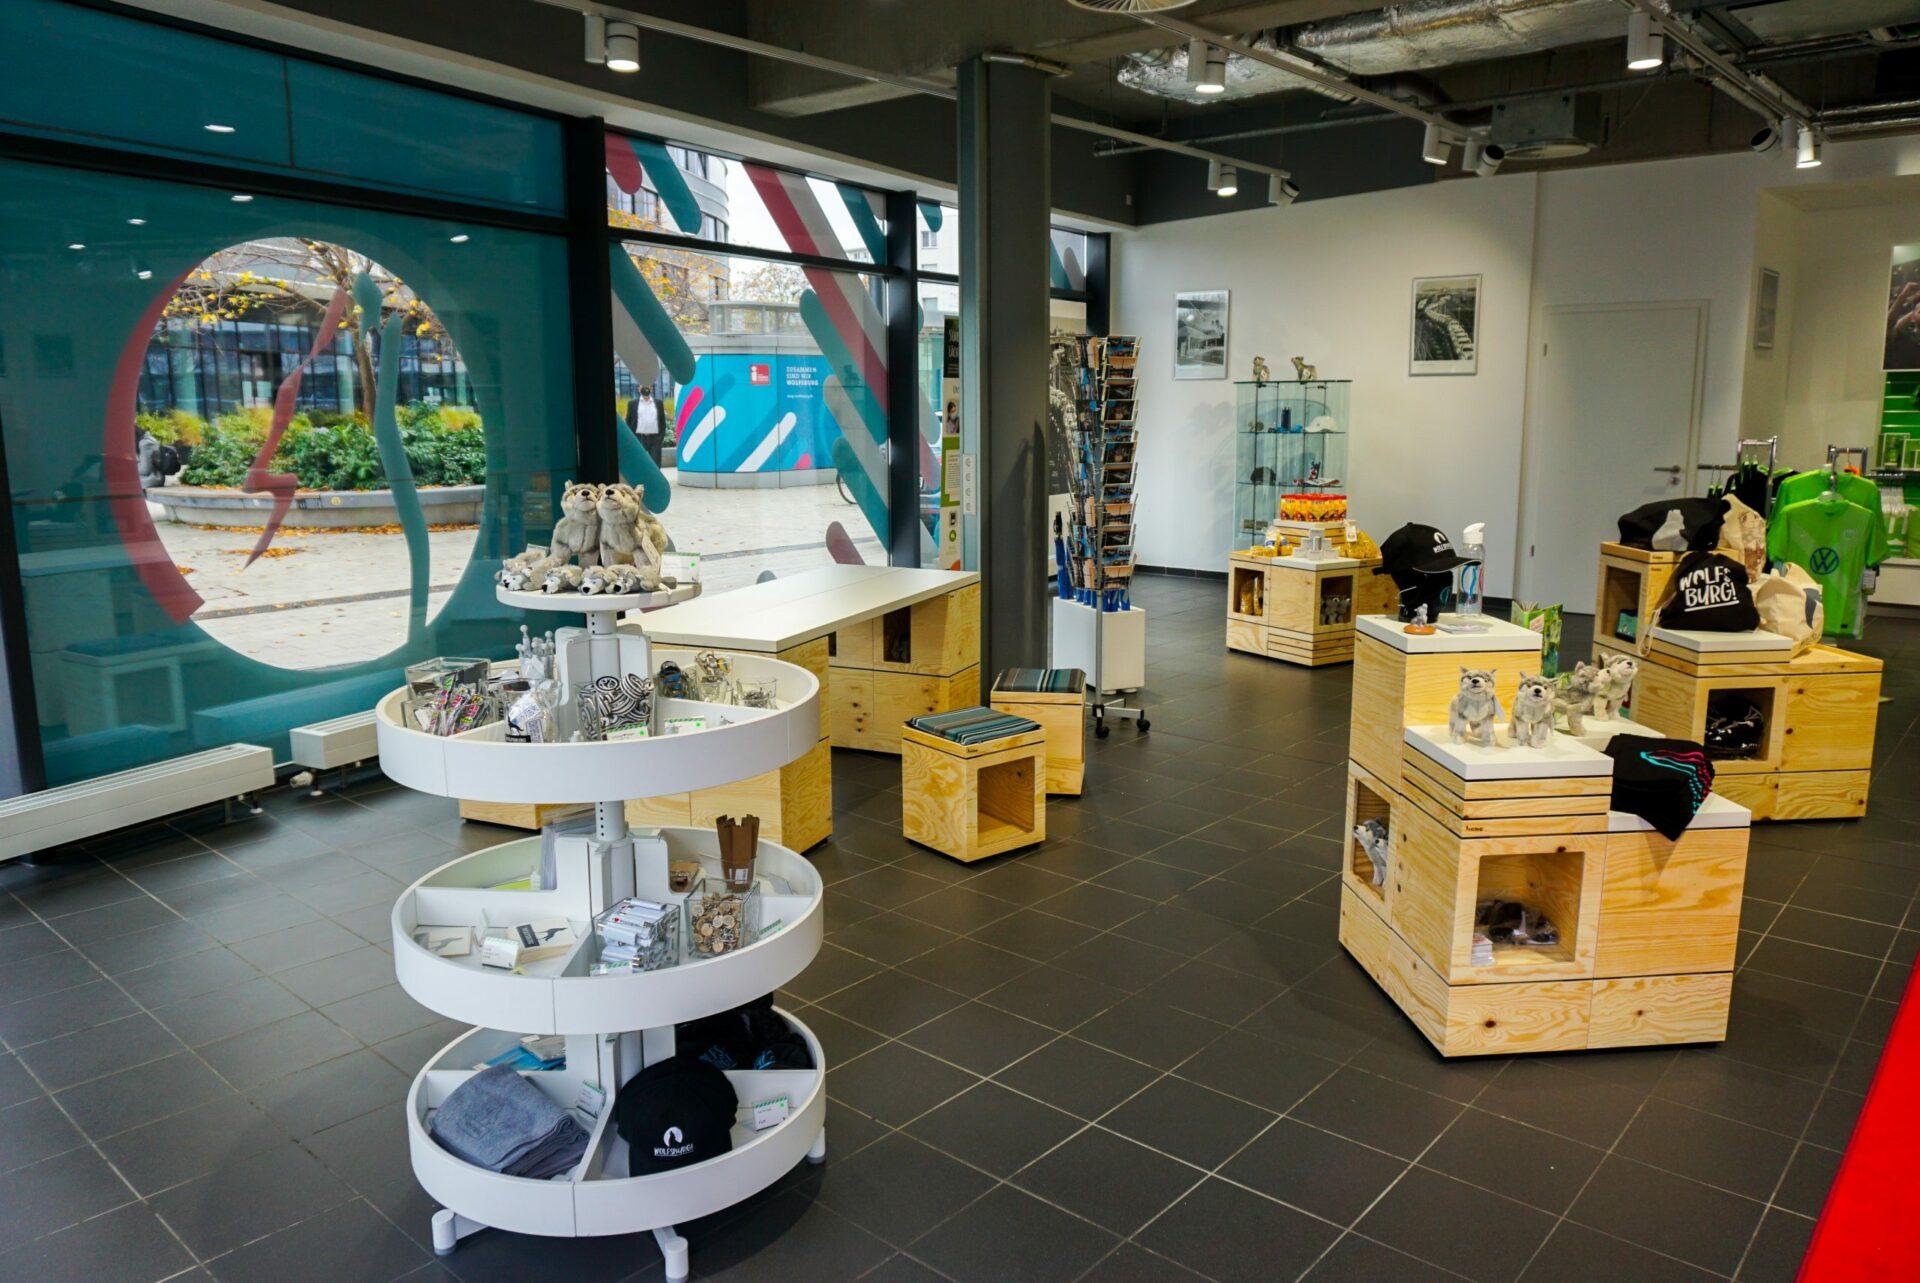 Zeigt die Innenansicht des Wolfsburg Stores mit Blick in den Verkaufsraum